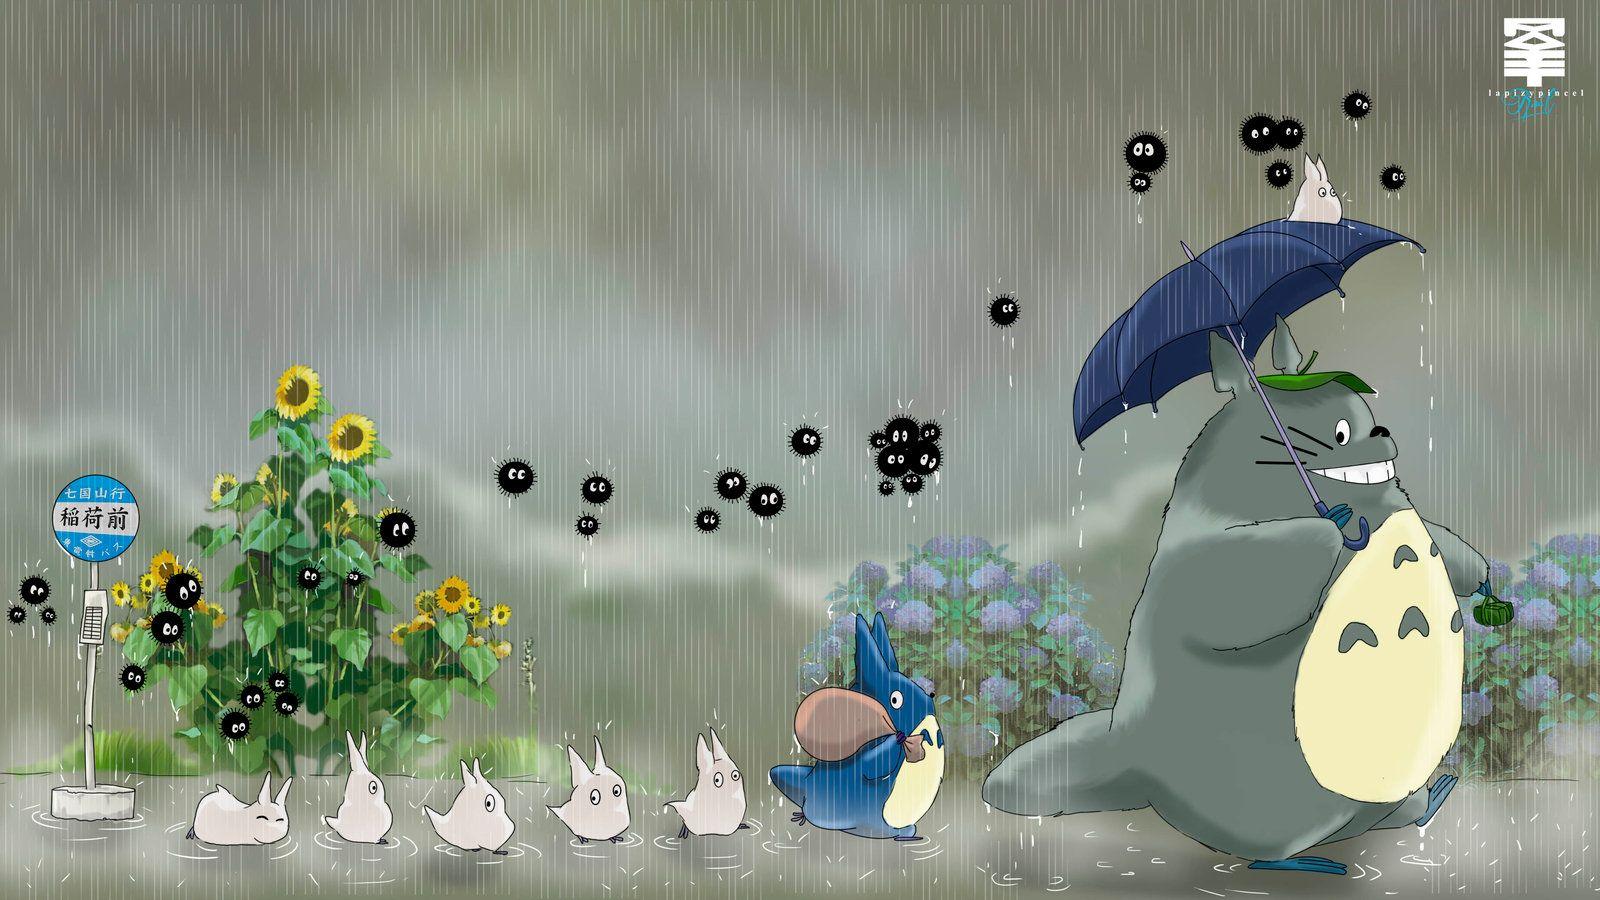 Resultado de imagen para totoro wallpaper Totoro